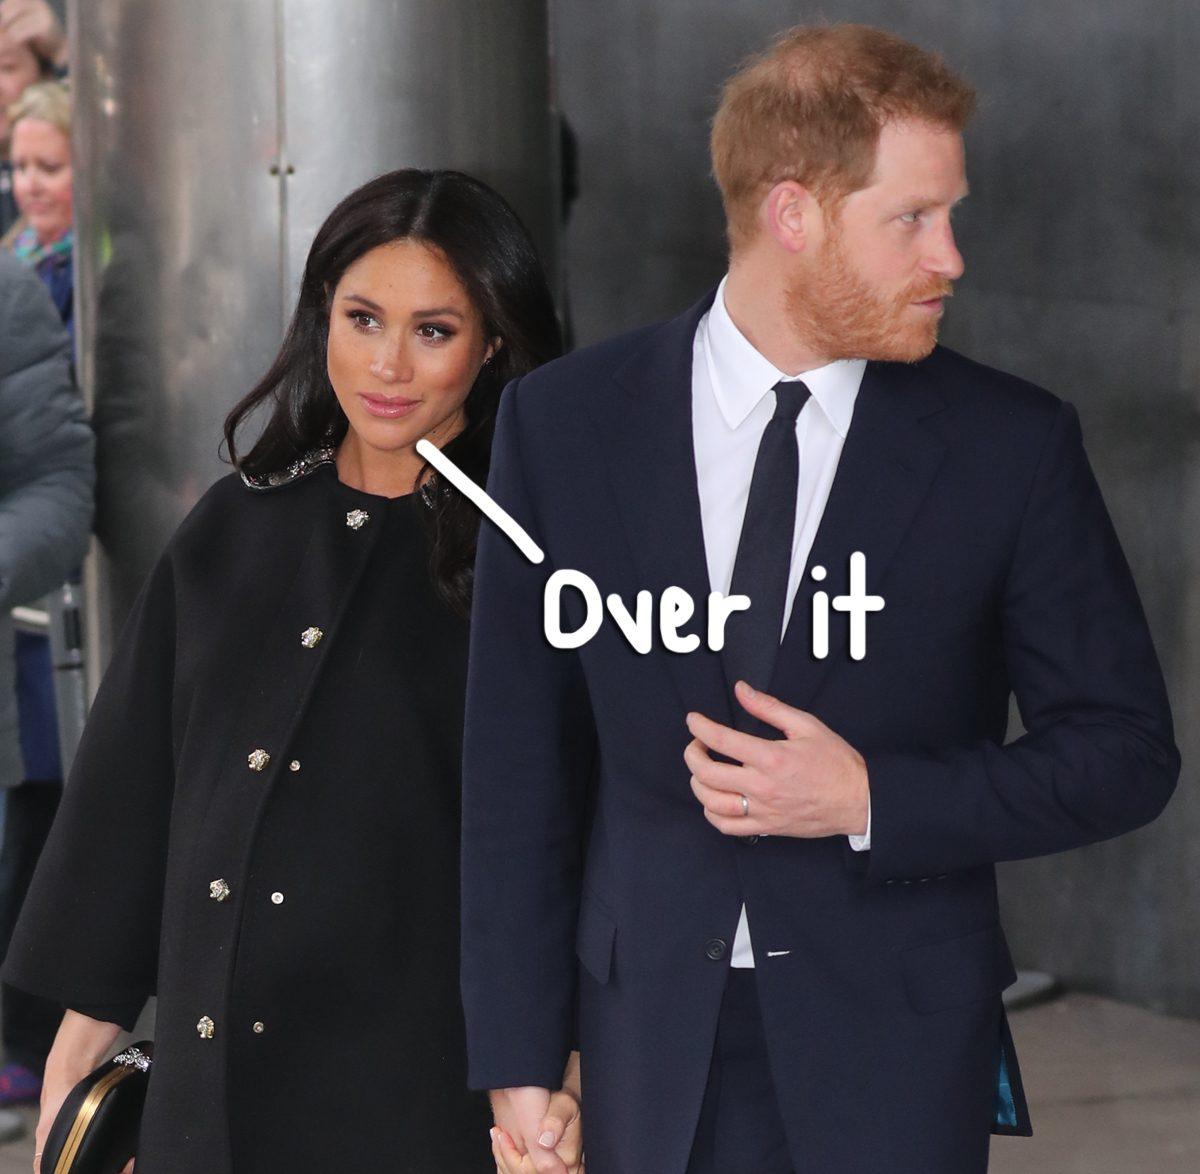 Flipboard: Queen Elizabeth Has The Sweetest Photos Of